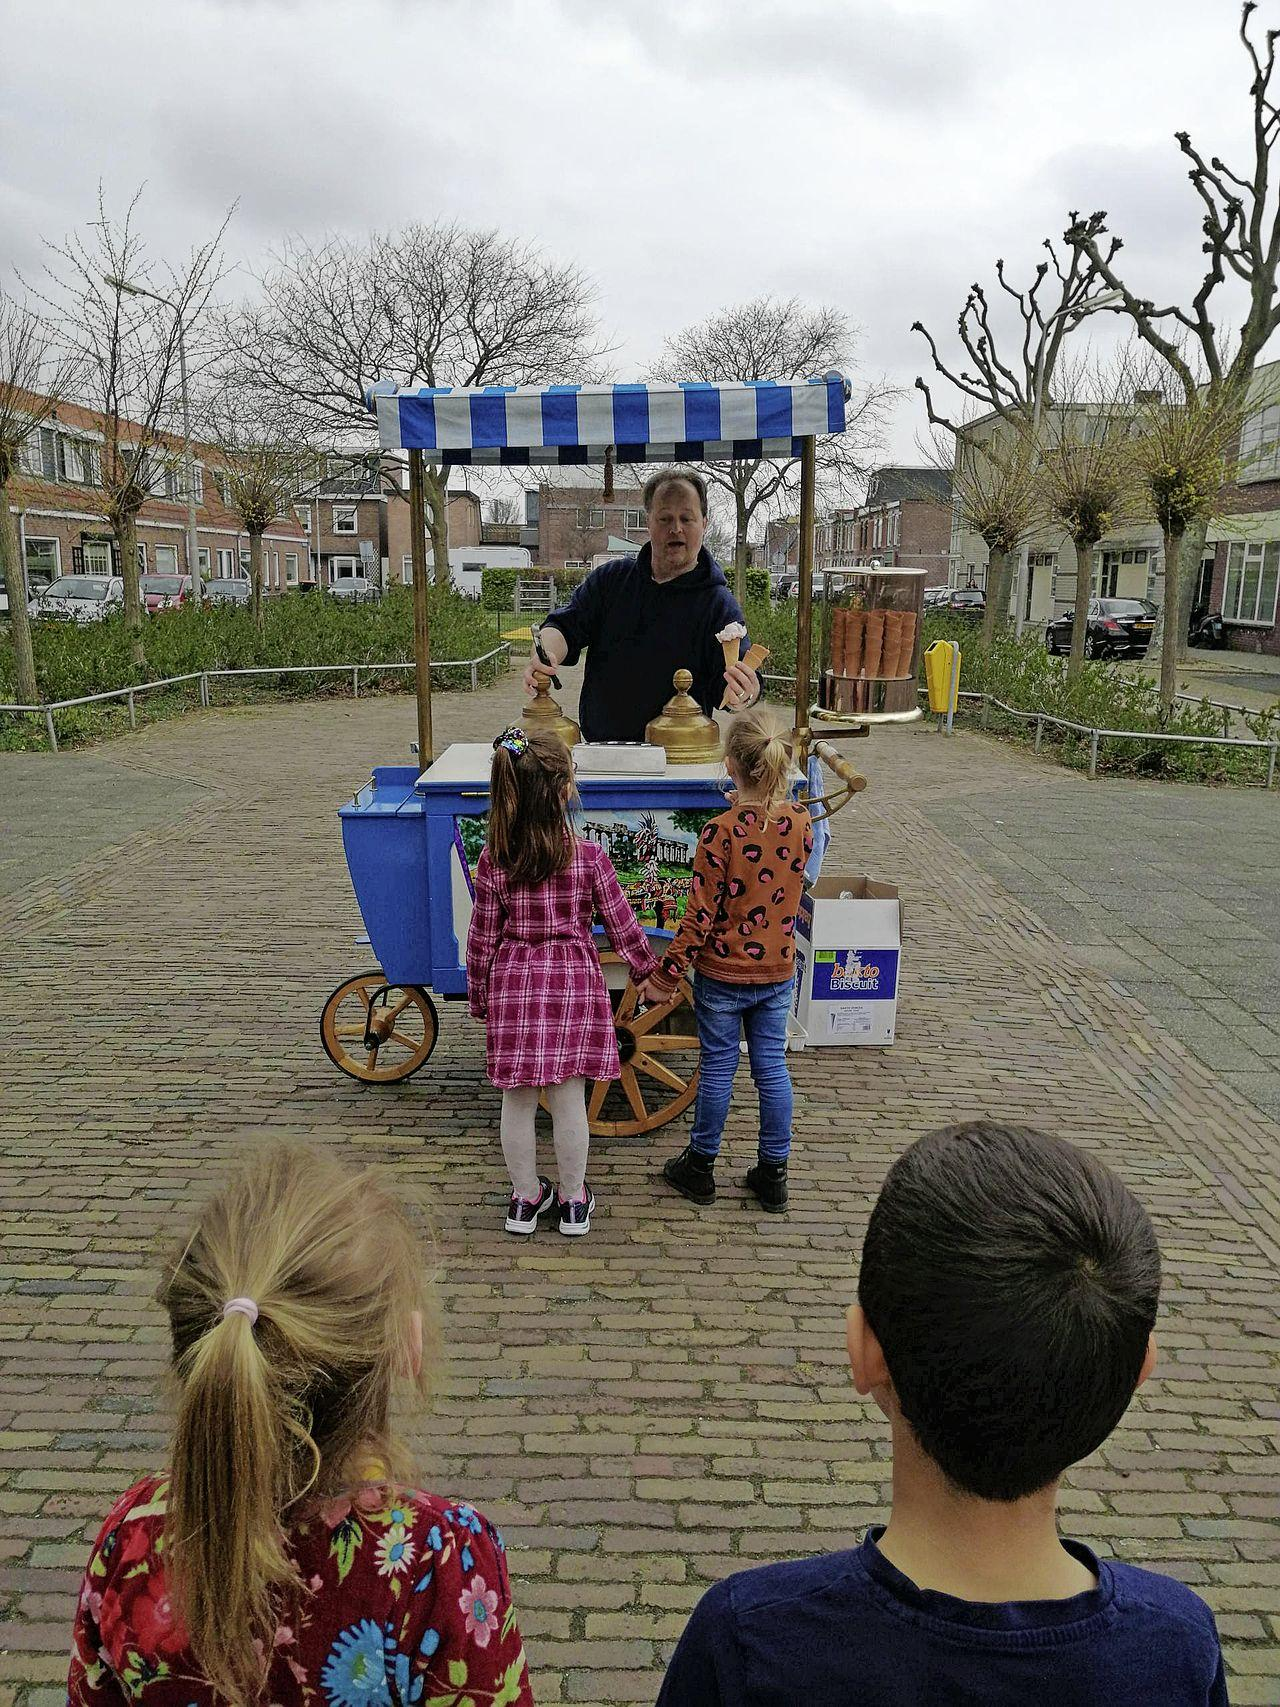 Met een ijsje, nog van het afgelaste kerstdiner, luiden leerlingen van De Vliegende Hollander in IJmuiden de meivakantie in